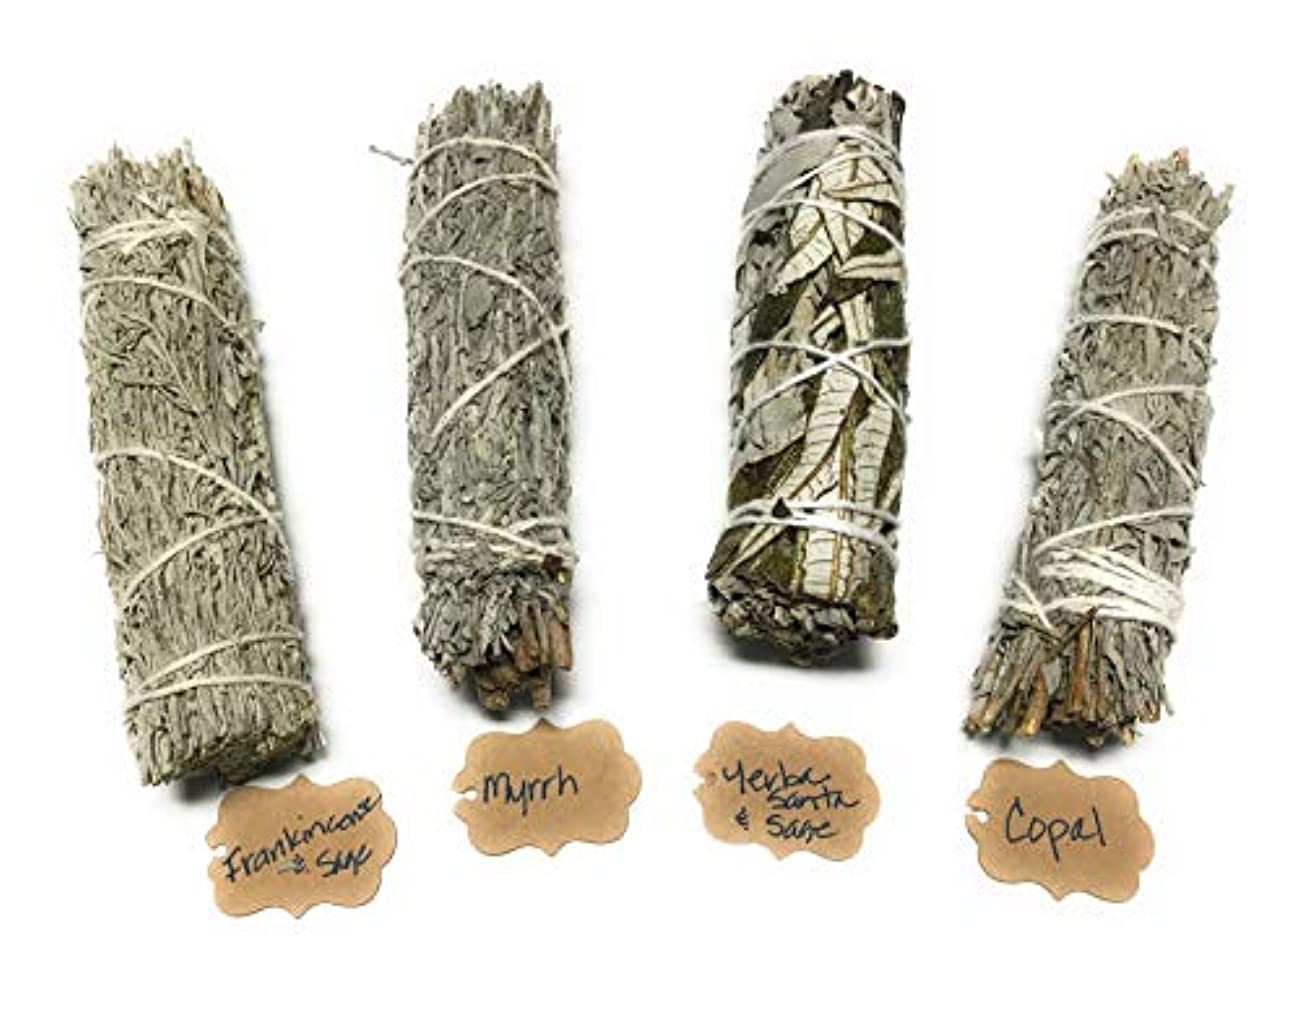 ギネス農奴手錠Arianna Willow Mystical バラエティスマッジスティック Copal、Frankincense、Myrrh、Yerba Santaを含む